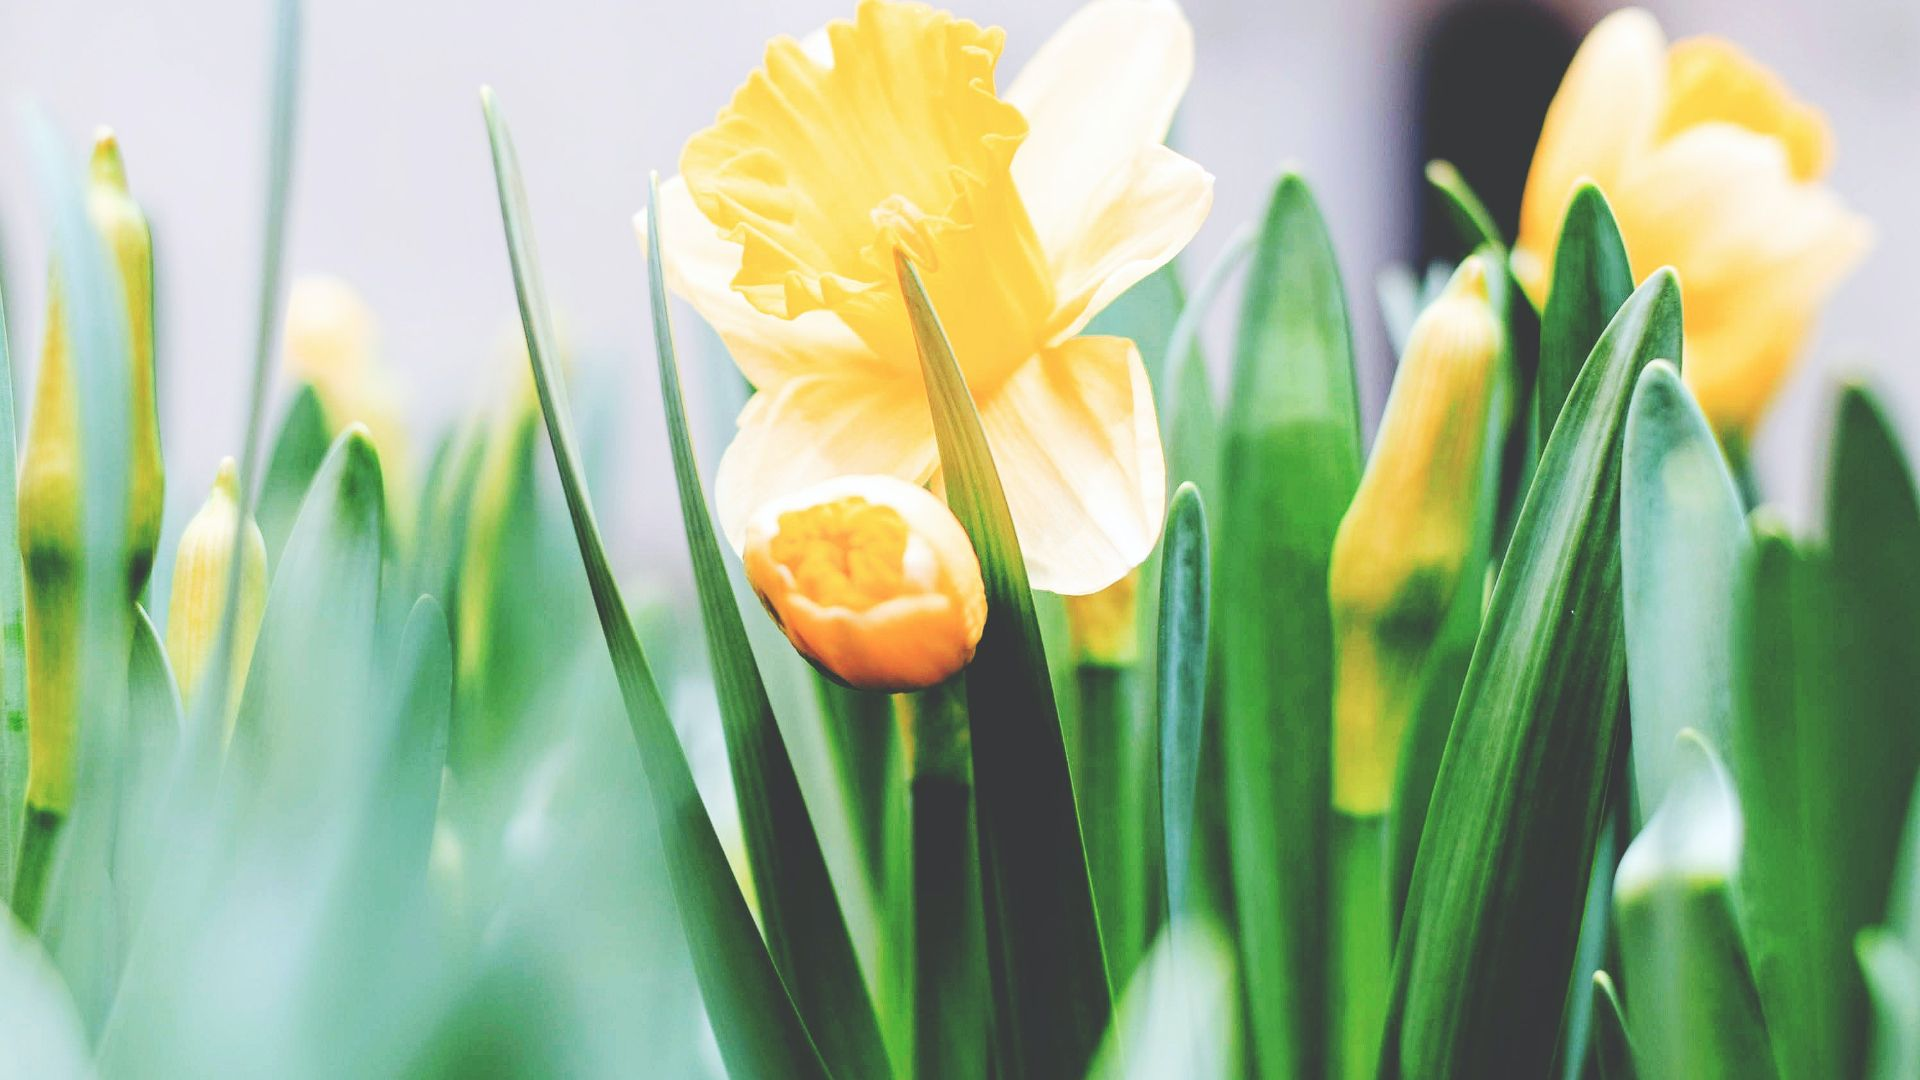 ein Bild von gelben Tulpen